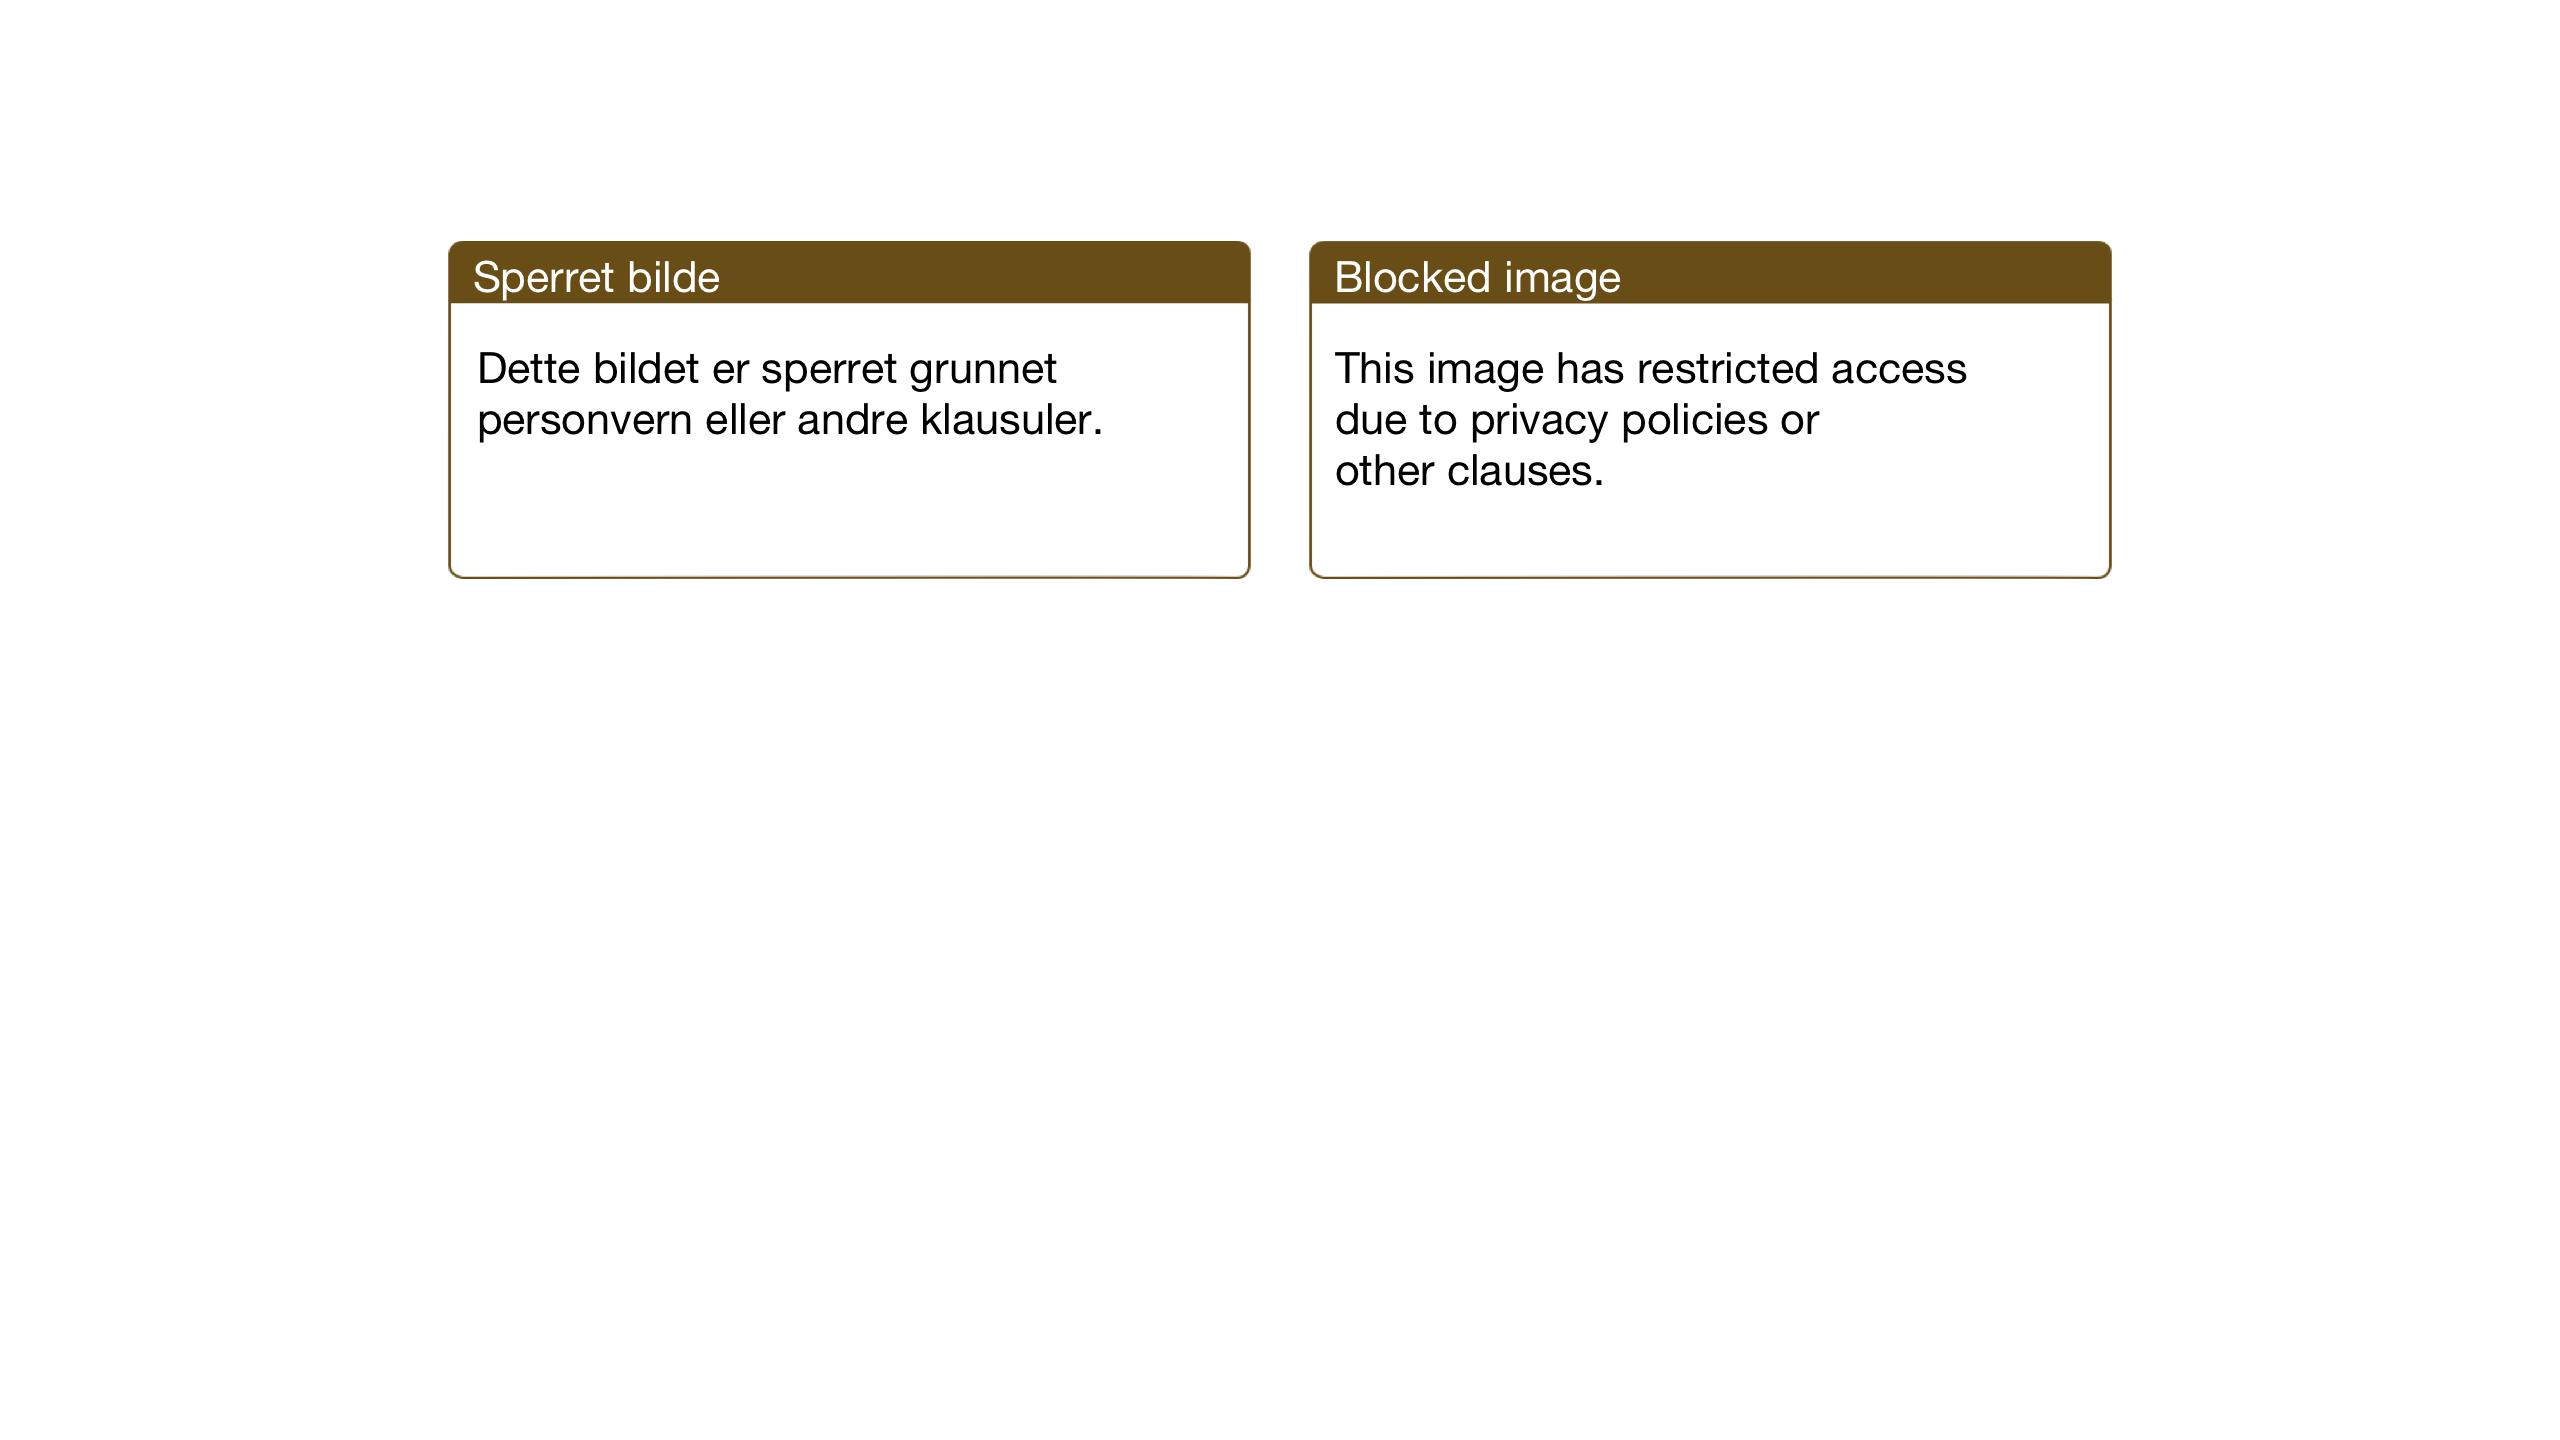 SAT, Ministerialprotokoller, klokkerbøker og fødselsregistre - Sør-Trøndelag, 667/L0799: Klokkerbok nr. 667C04, 1929-1950, s. 55